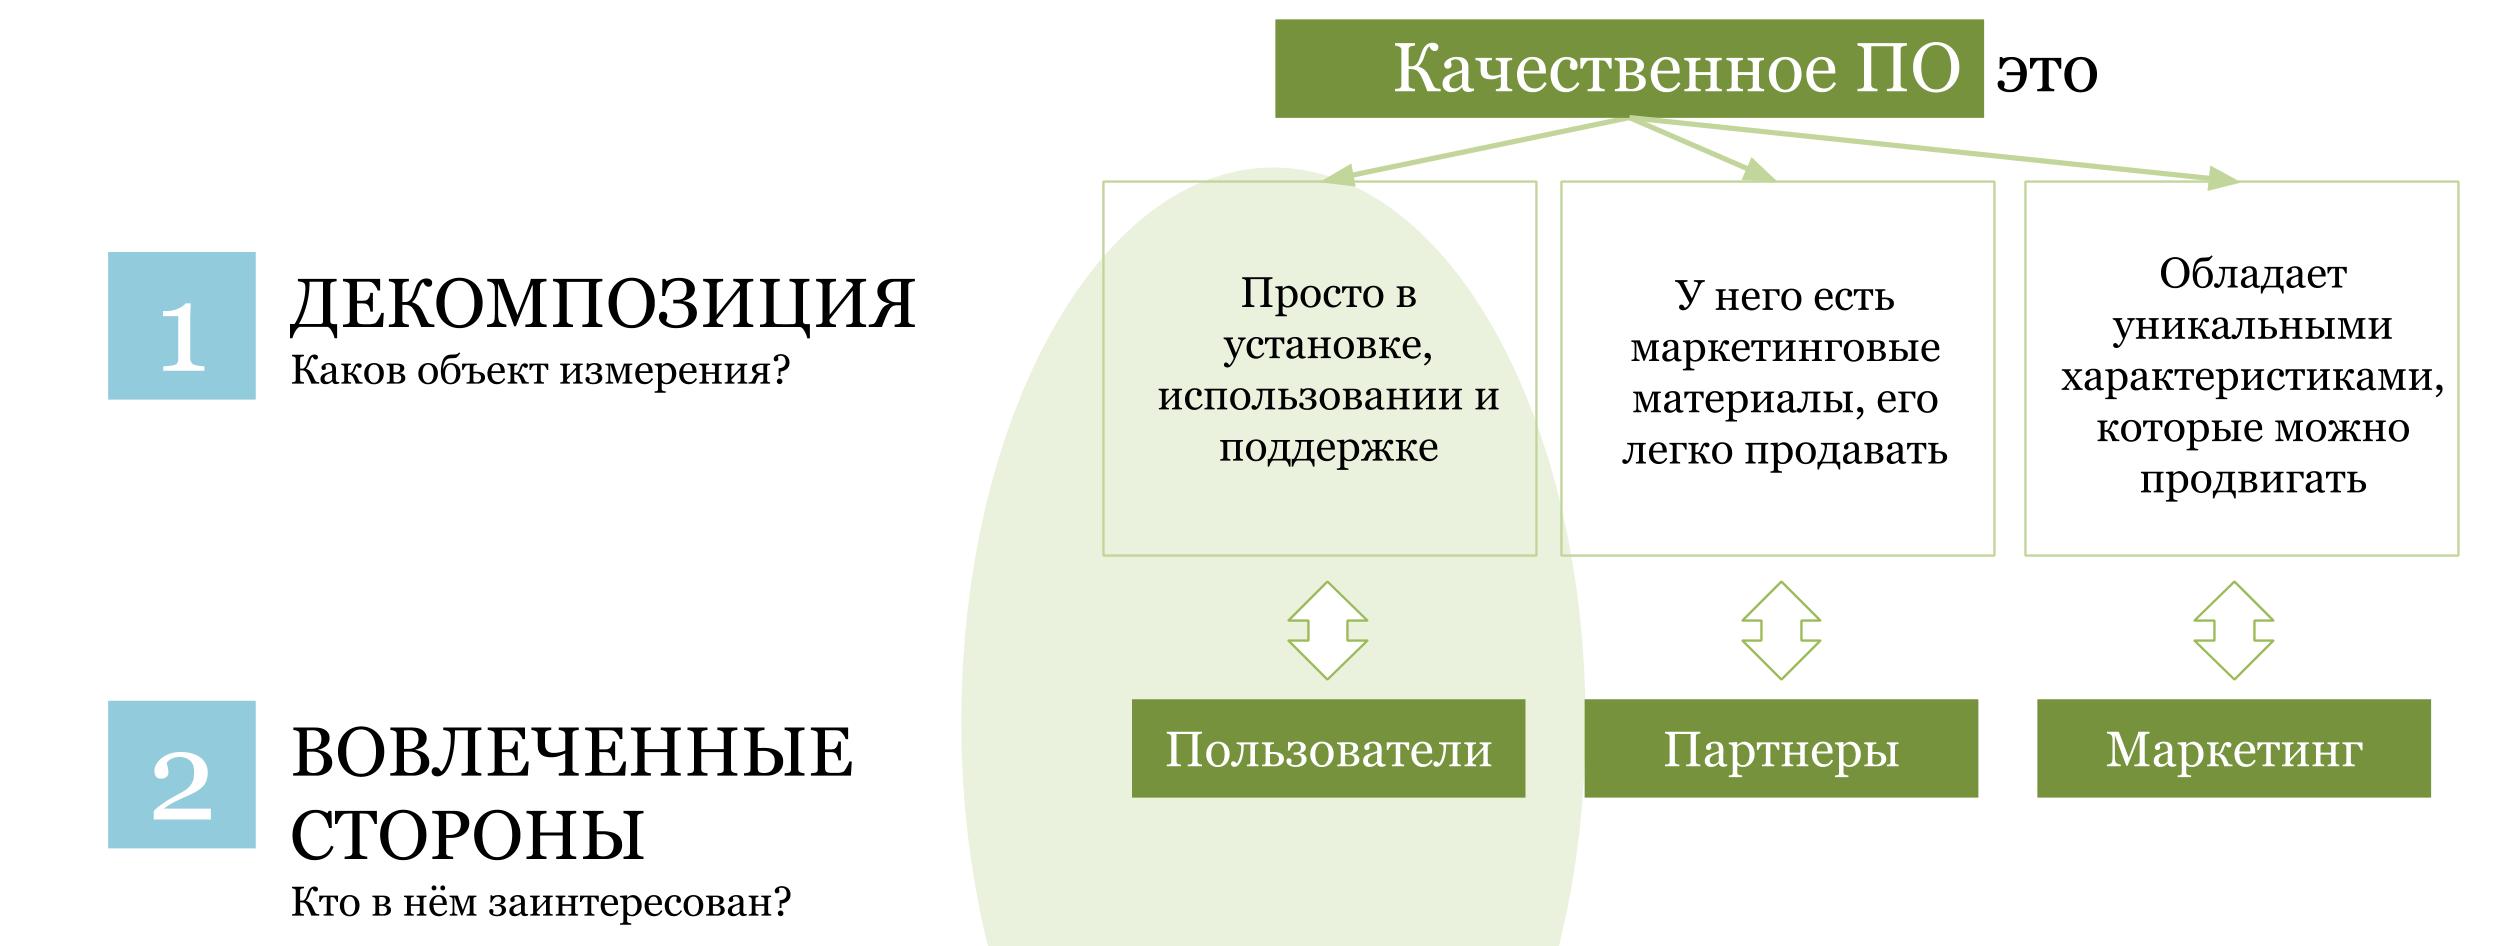 Этапы KPI-системы: декомпозиция и заинтересованные стороны